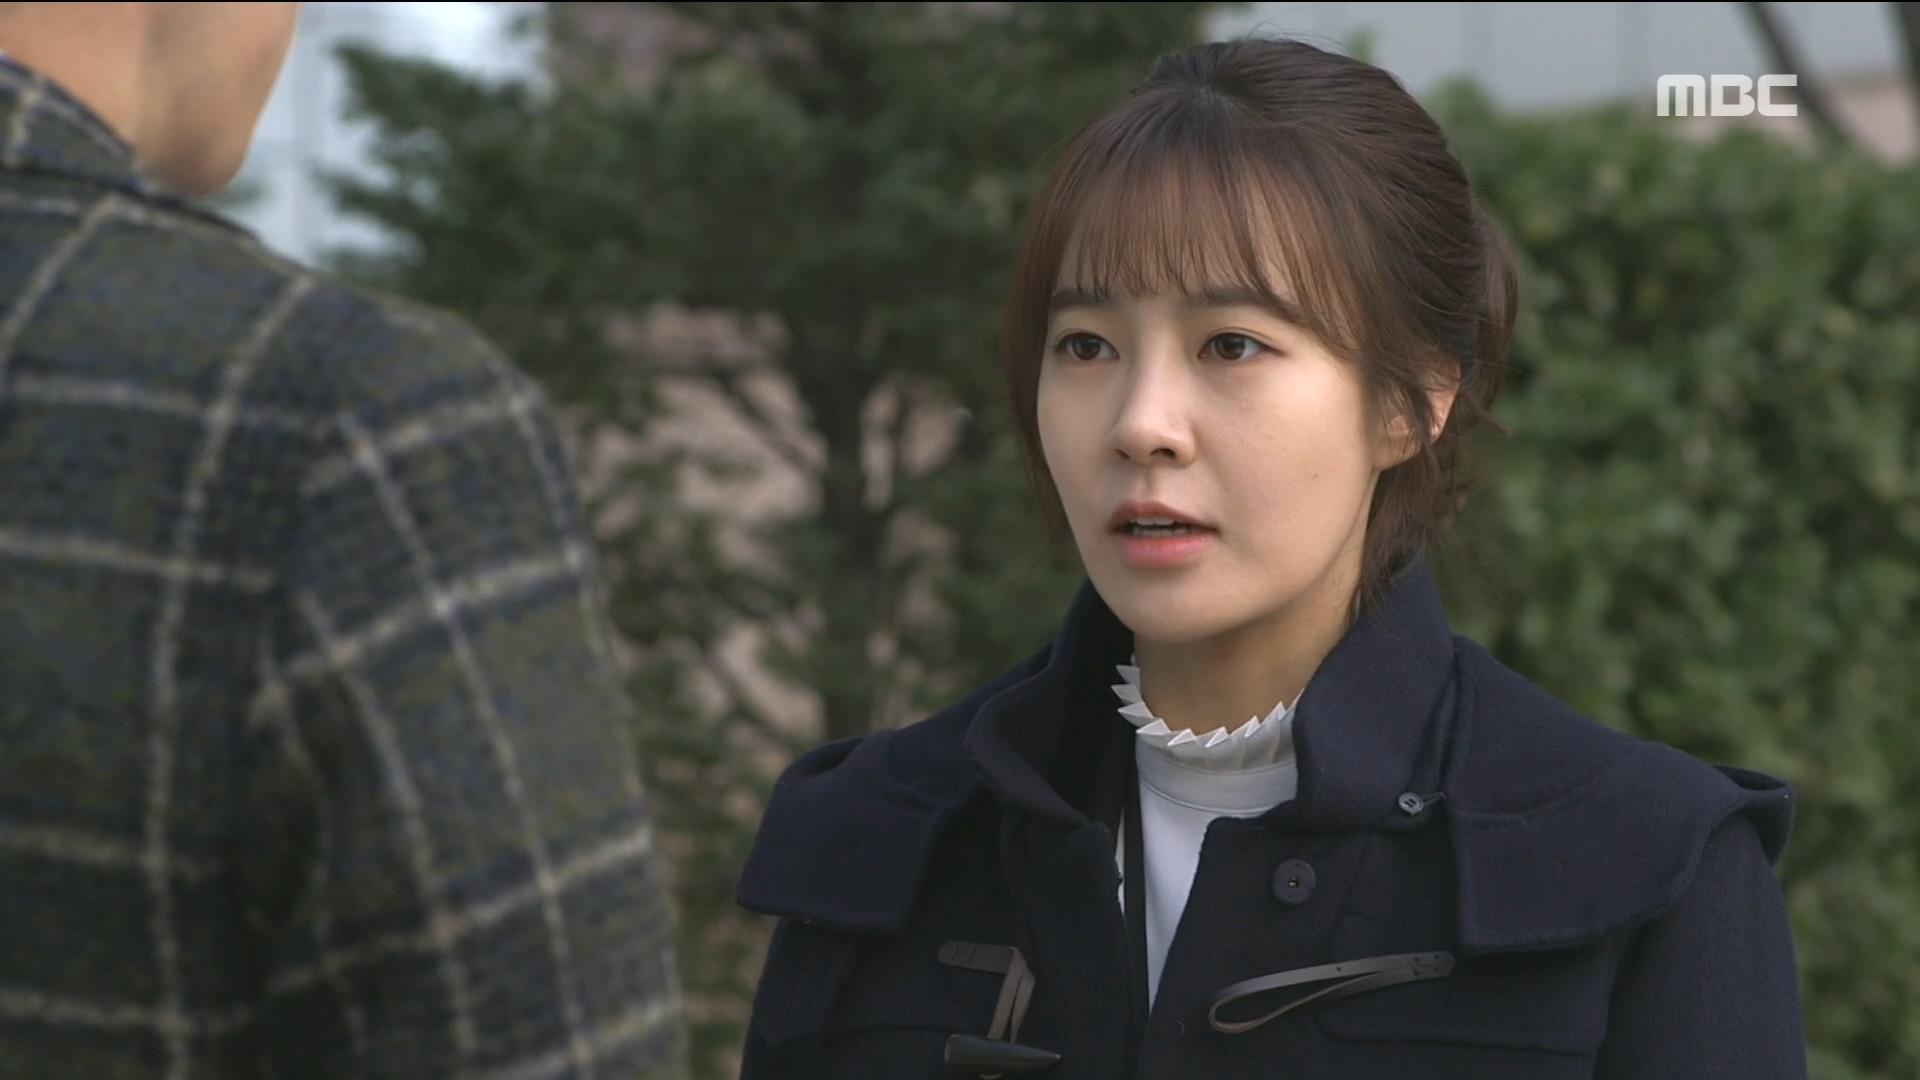 '같이 밥 먹을래요?' 최윤영, 구원에게 데이트 신청?!